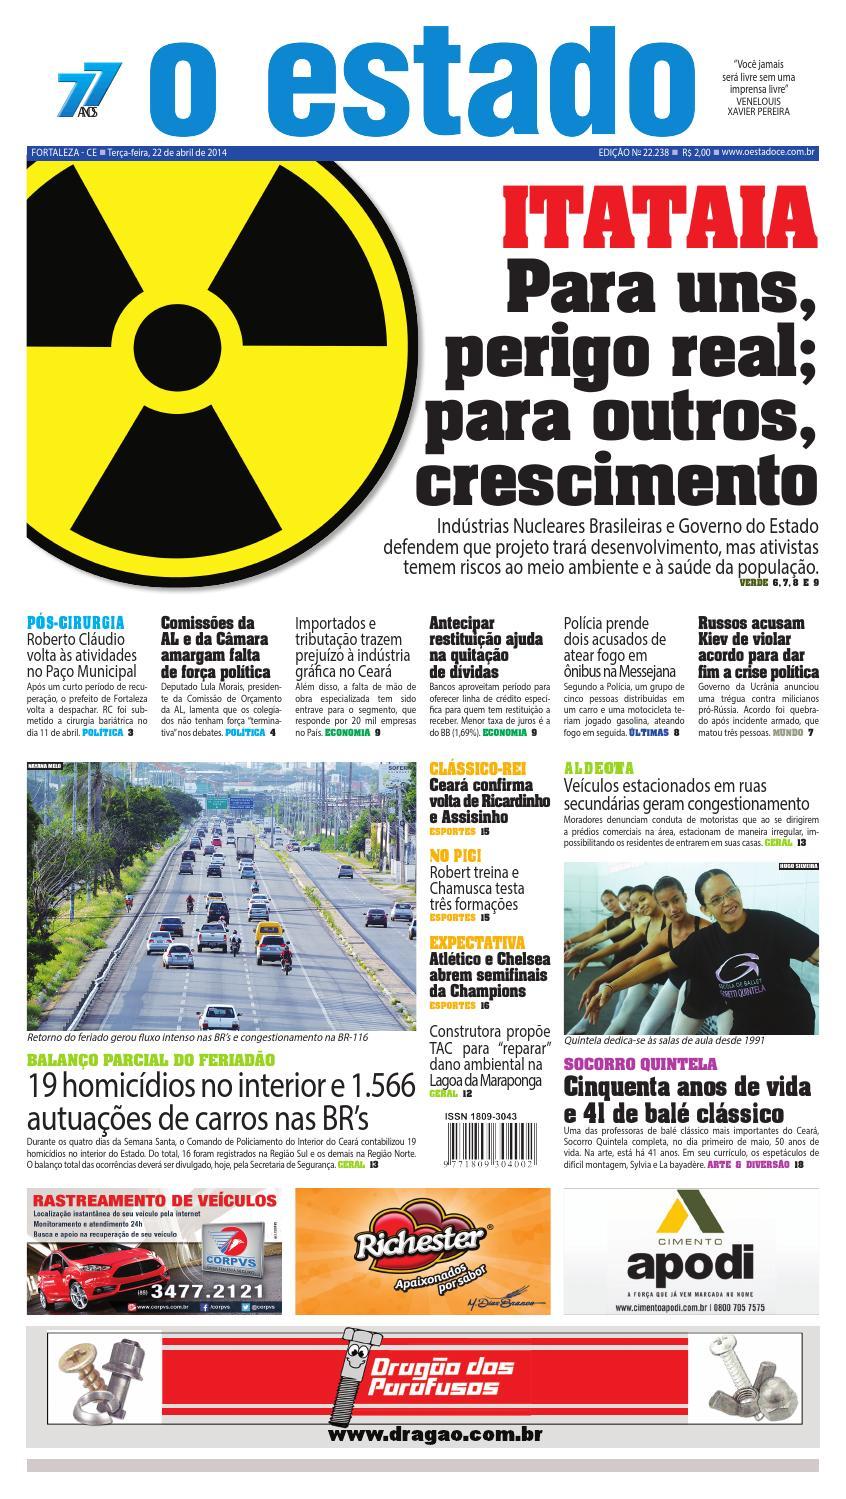 Edição 22237 - 22 de abril de 2014 by Jornal O Estado (Ceará) - issuu 329b1ec5ace74